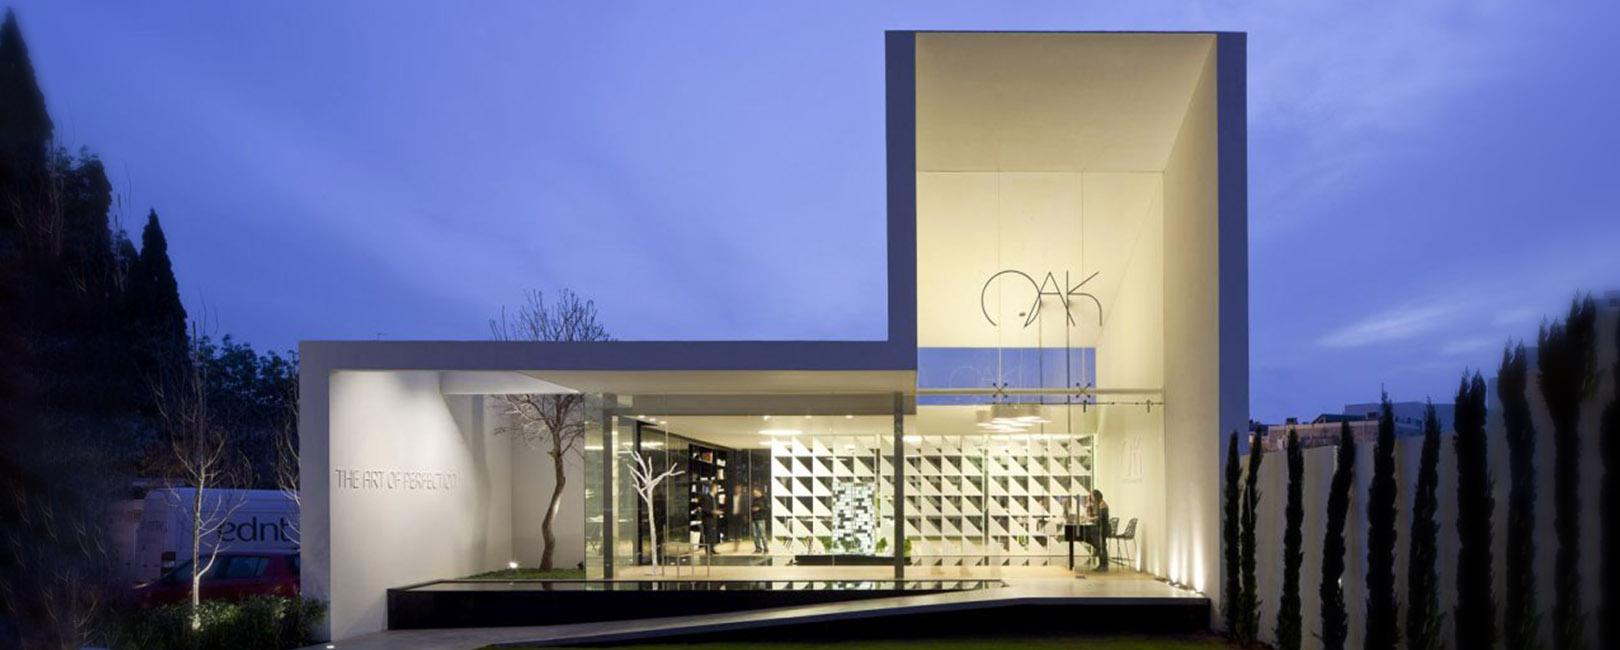 מרכז מבקרים OAK- בניה קלה